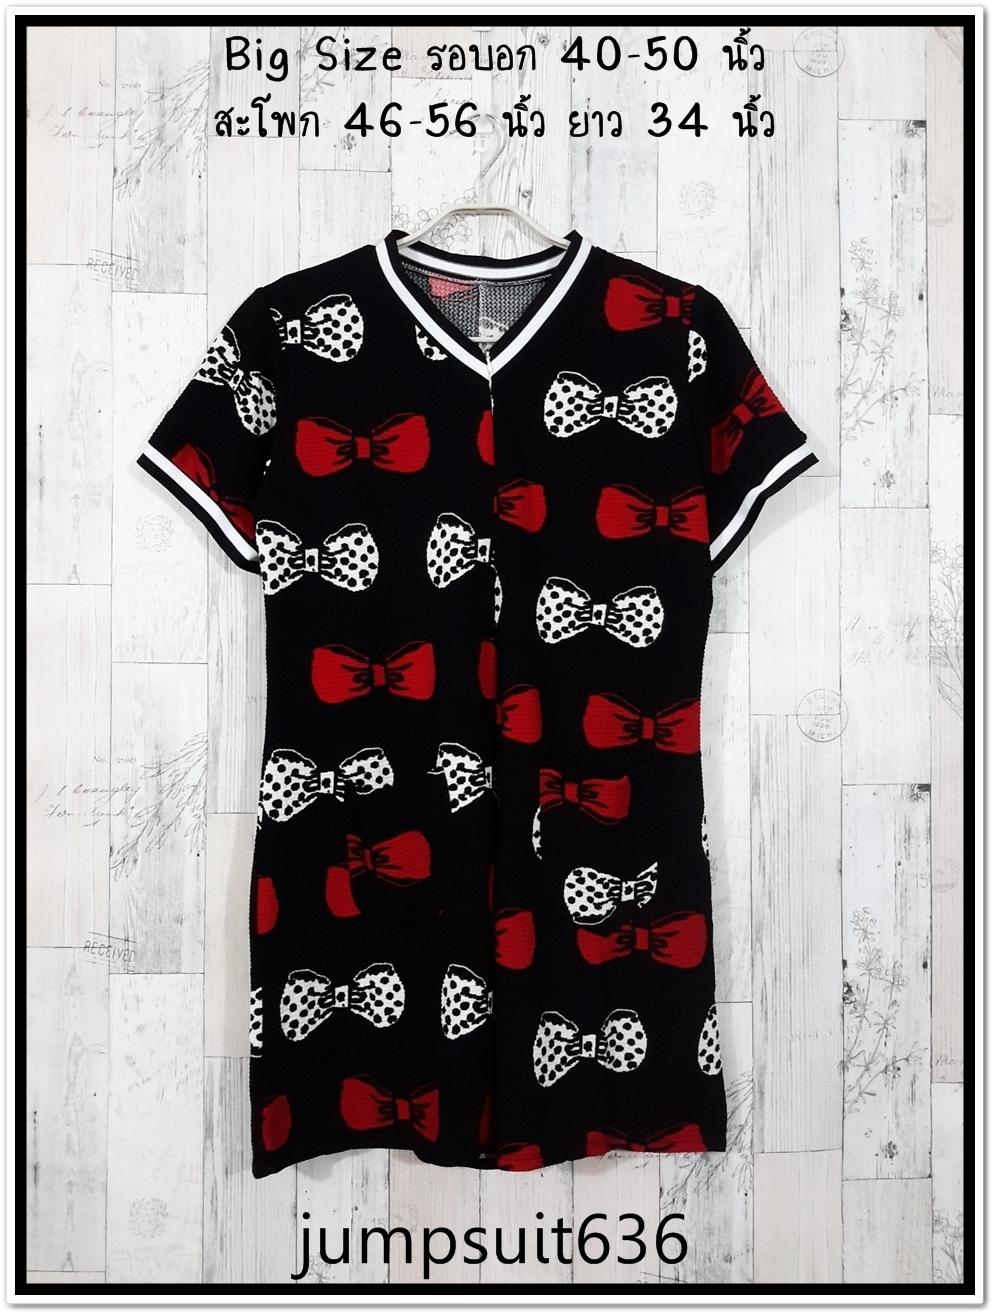 Jumpsuit636 Big Size Jumpsuit จัมพ์สูทไซส์ใหญ่ คอวี ซิปหน้า ผ้าหนังไก่เนื้อนุ่มลายโบว์ขาวแดง พื้นสีดำ